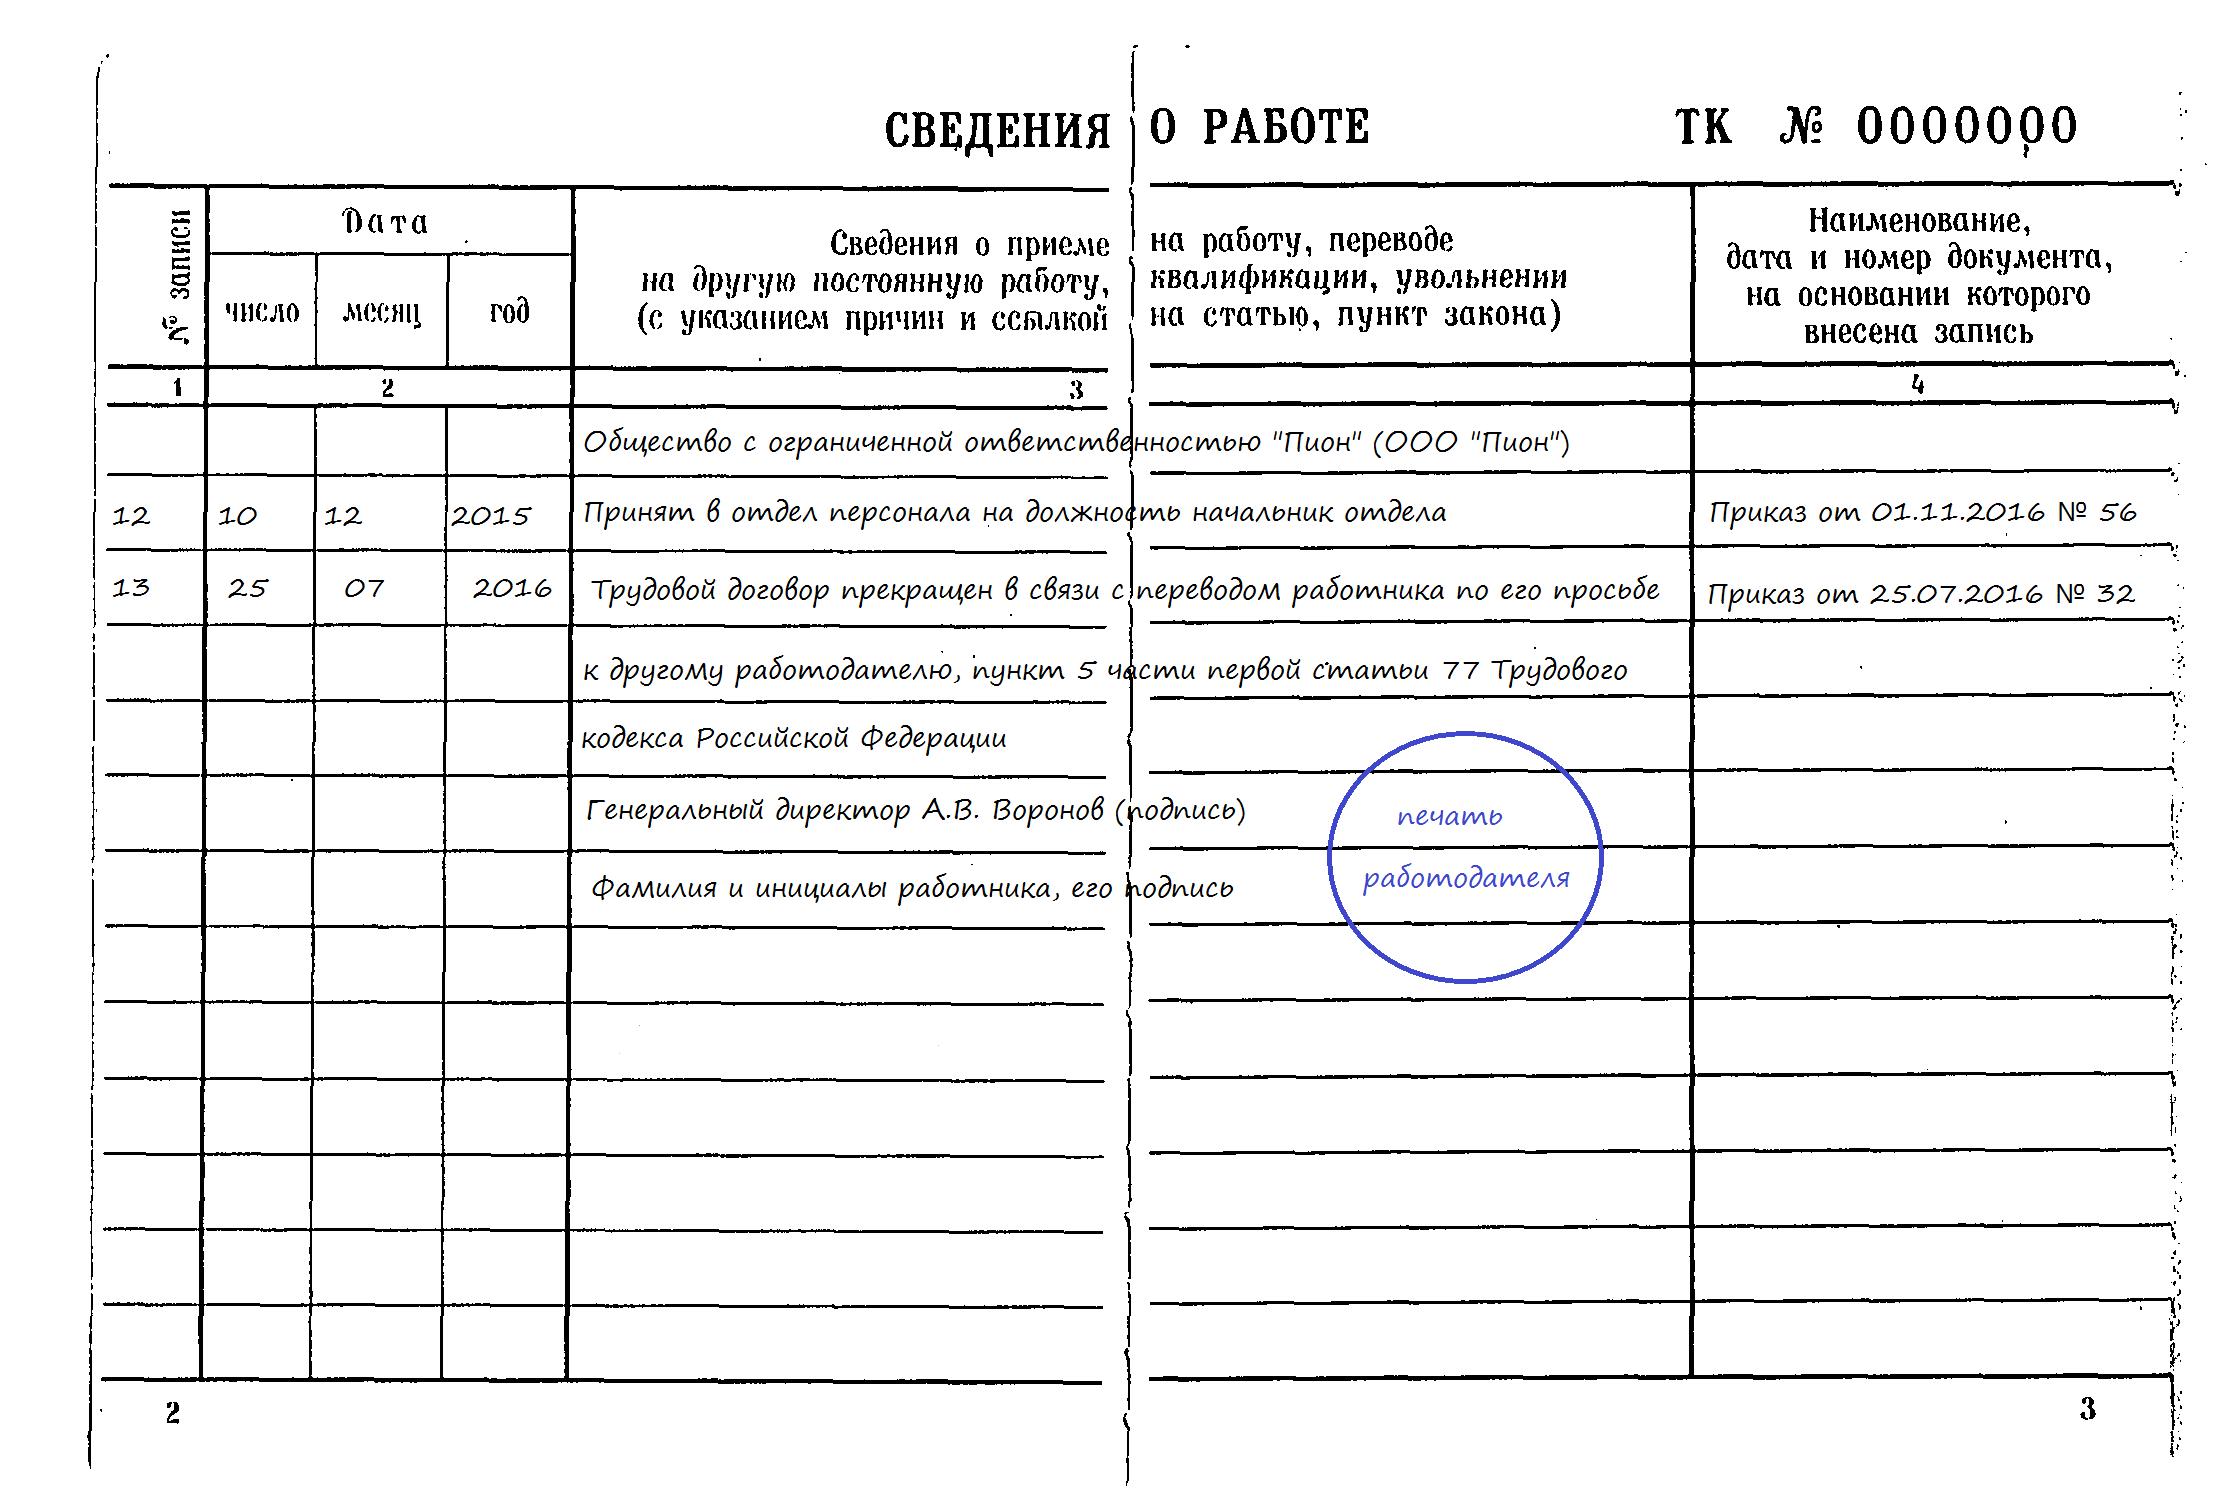 Запись в трудовой книжке об увольнении в порядке перевода